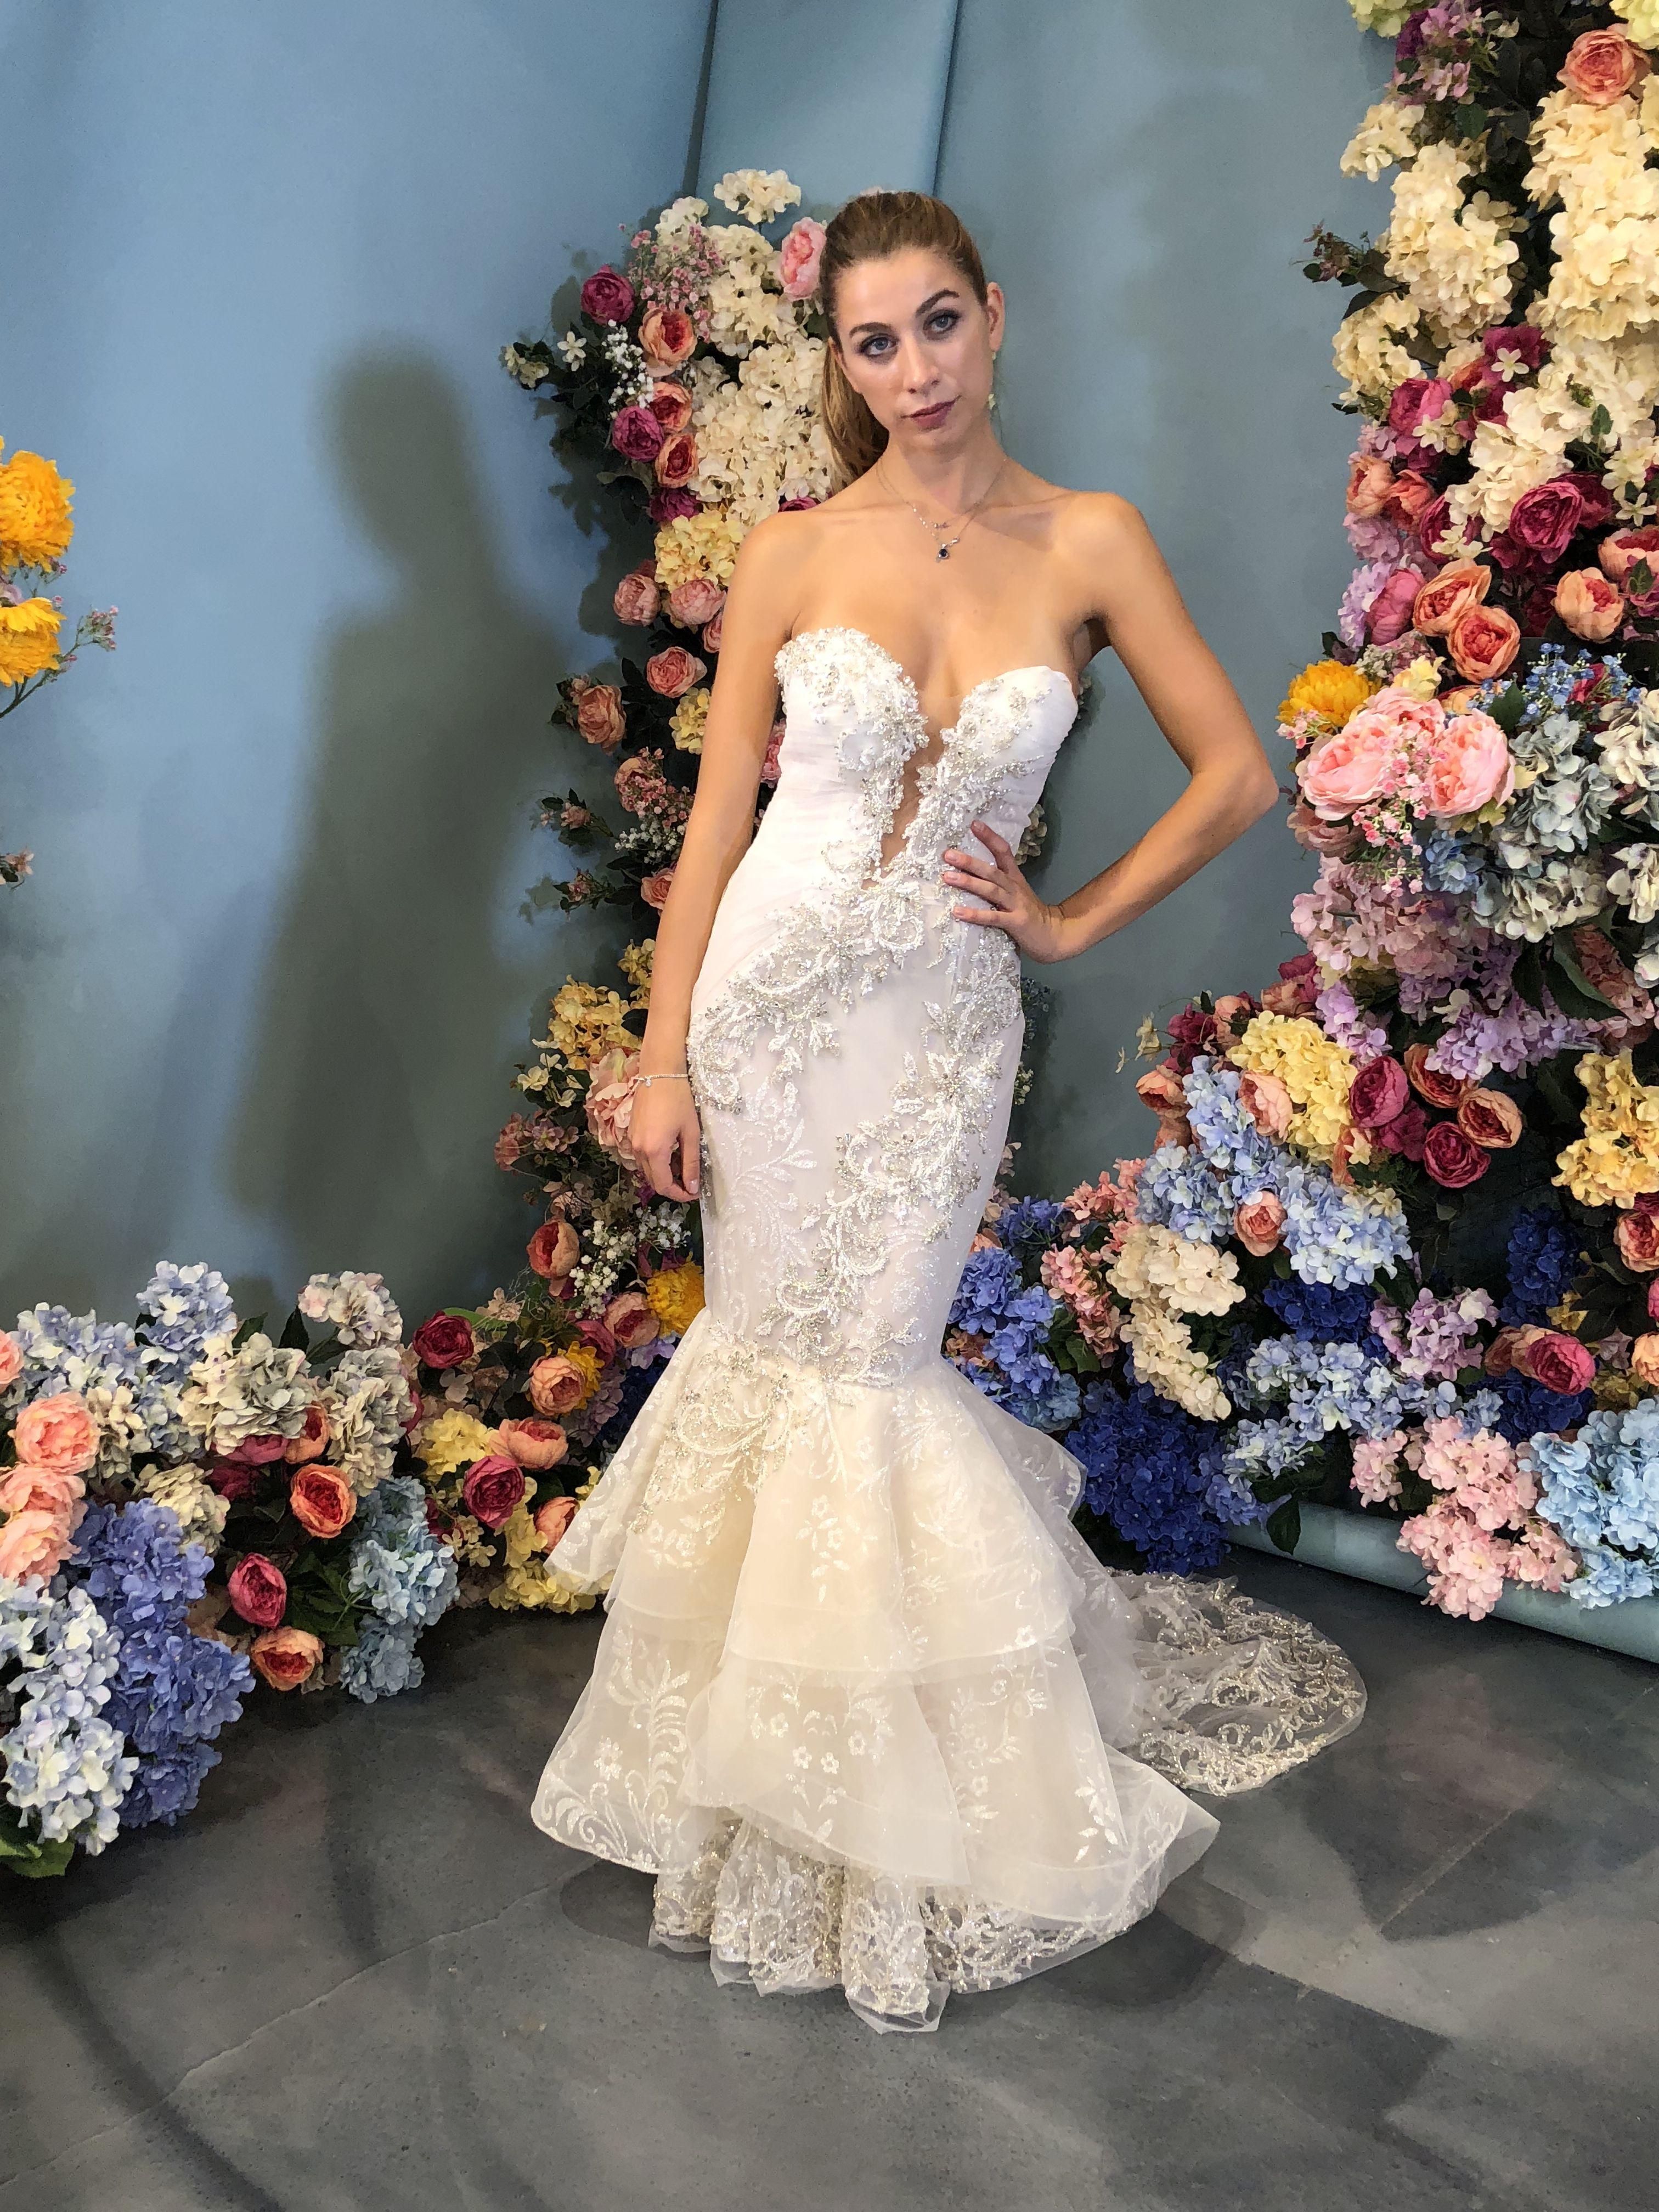 Bridal Reflections Bride Arianne - 7.7.19   Wedding dress